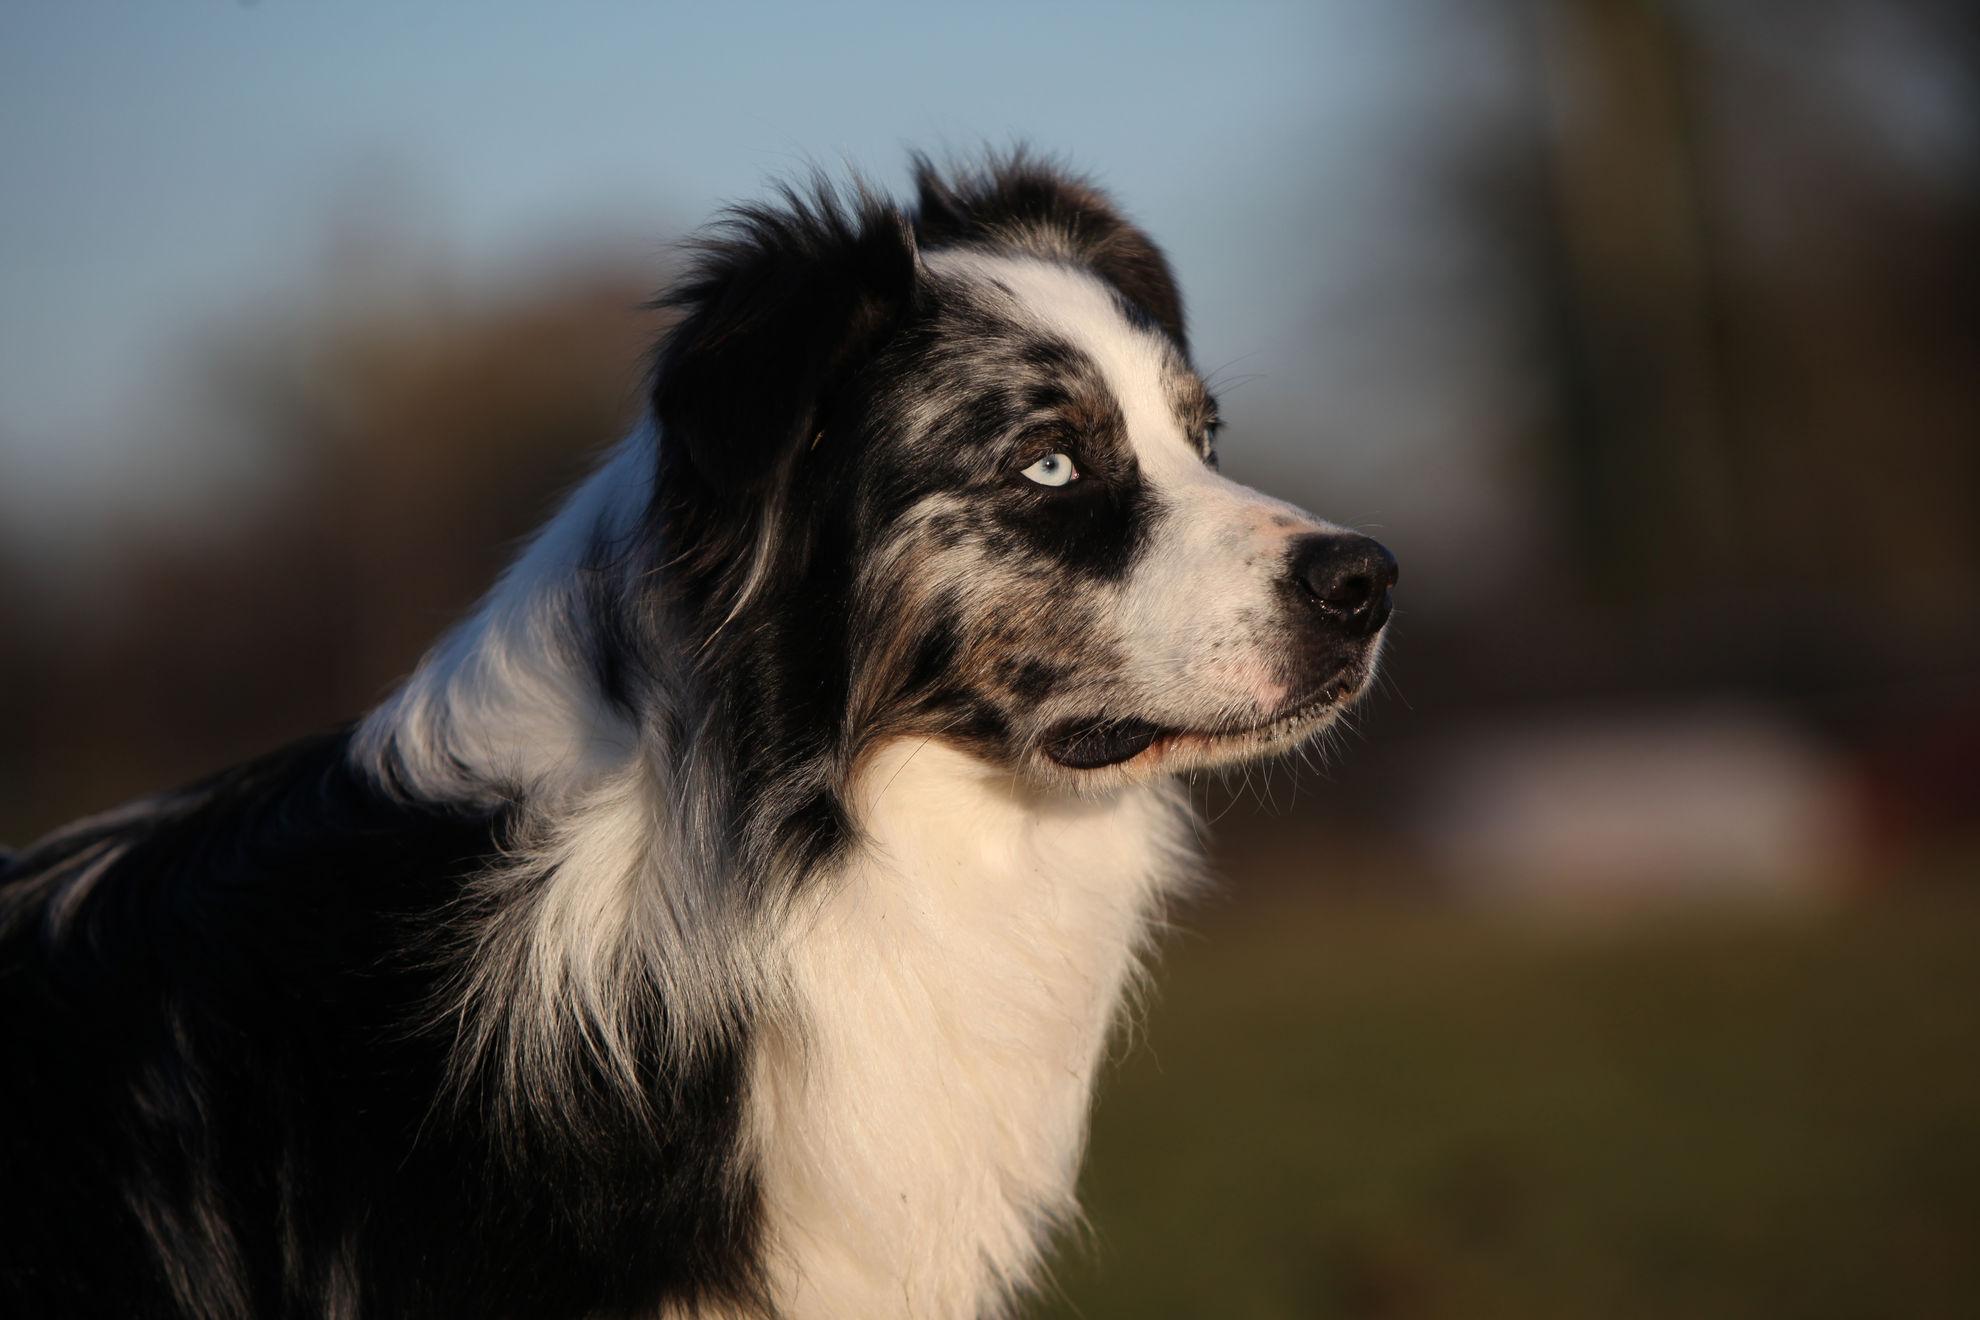 Les avantages de la stérilisation chez le chien